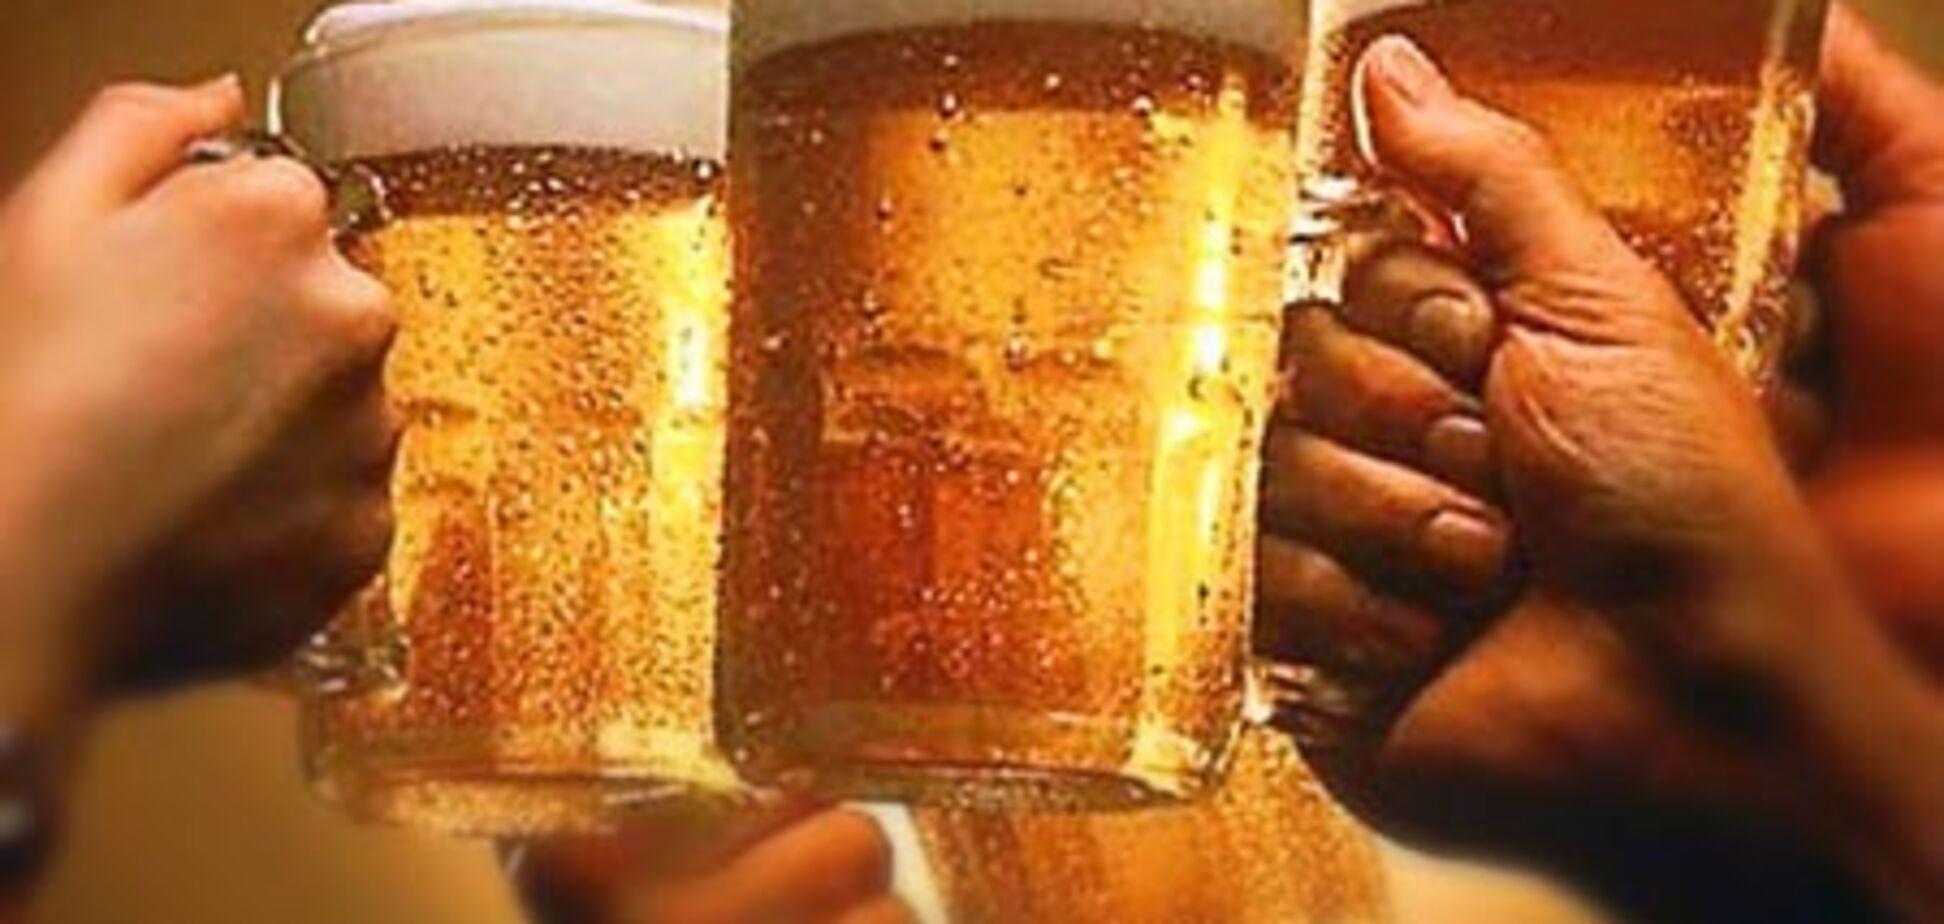 Білорусь закрила кордон для українського пива